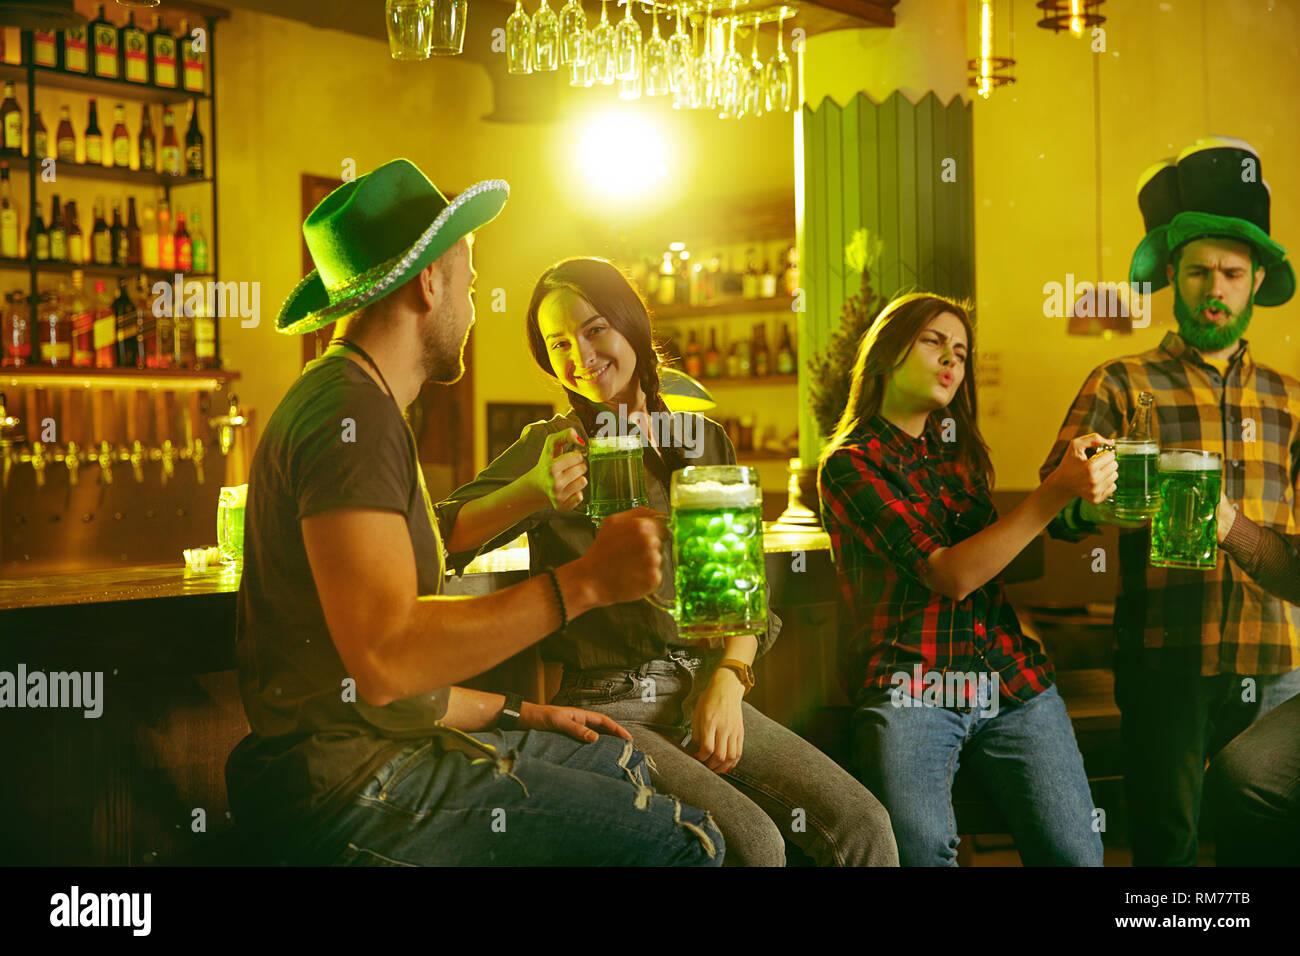 Fiesta del Día de San Patricio. Feliz amigos está de fiesta y bebiendo  cerveza verde d39e6e67235